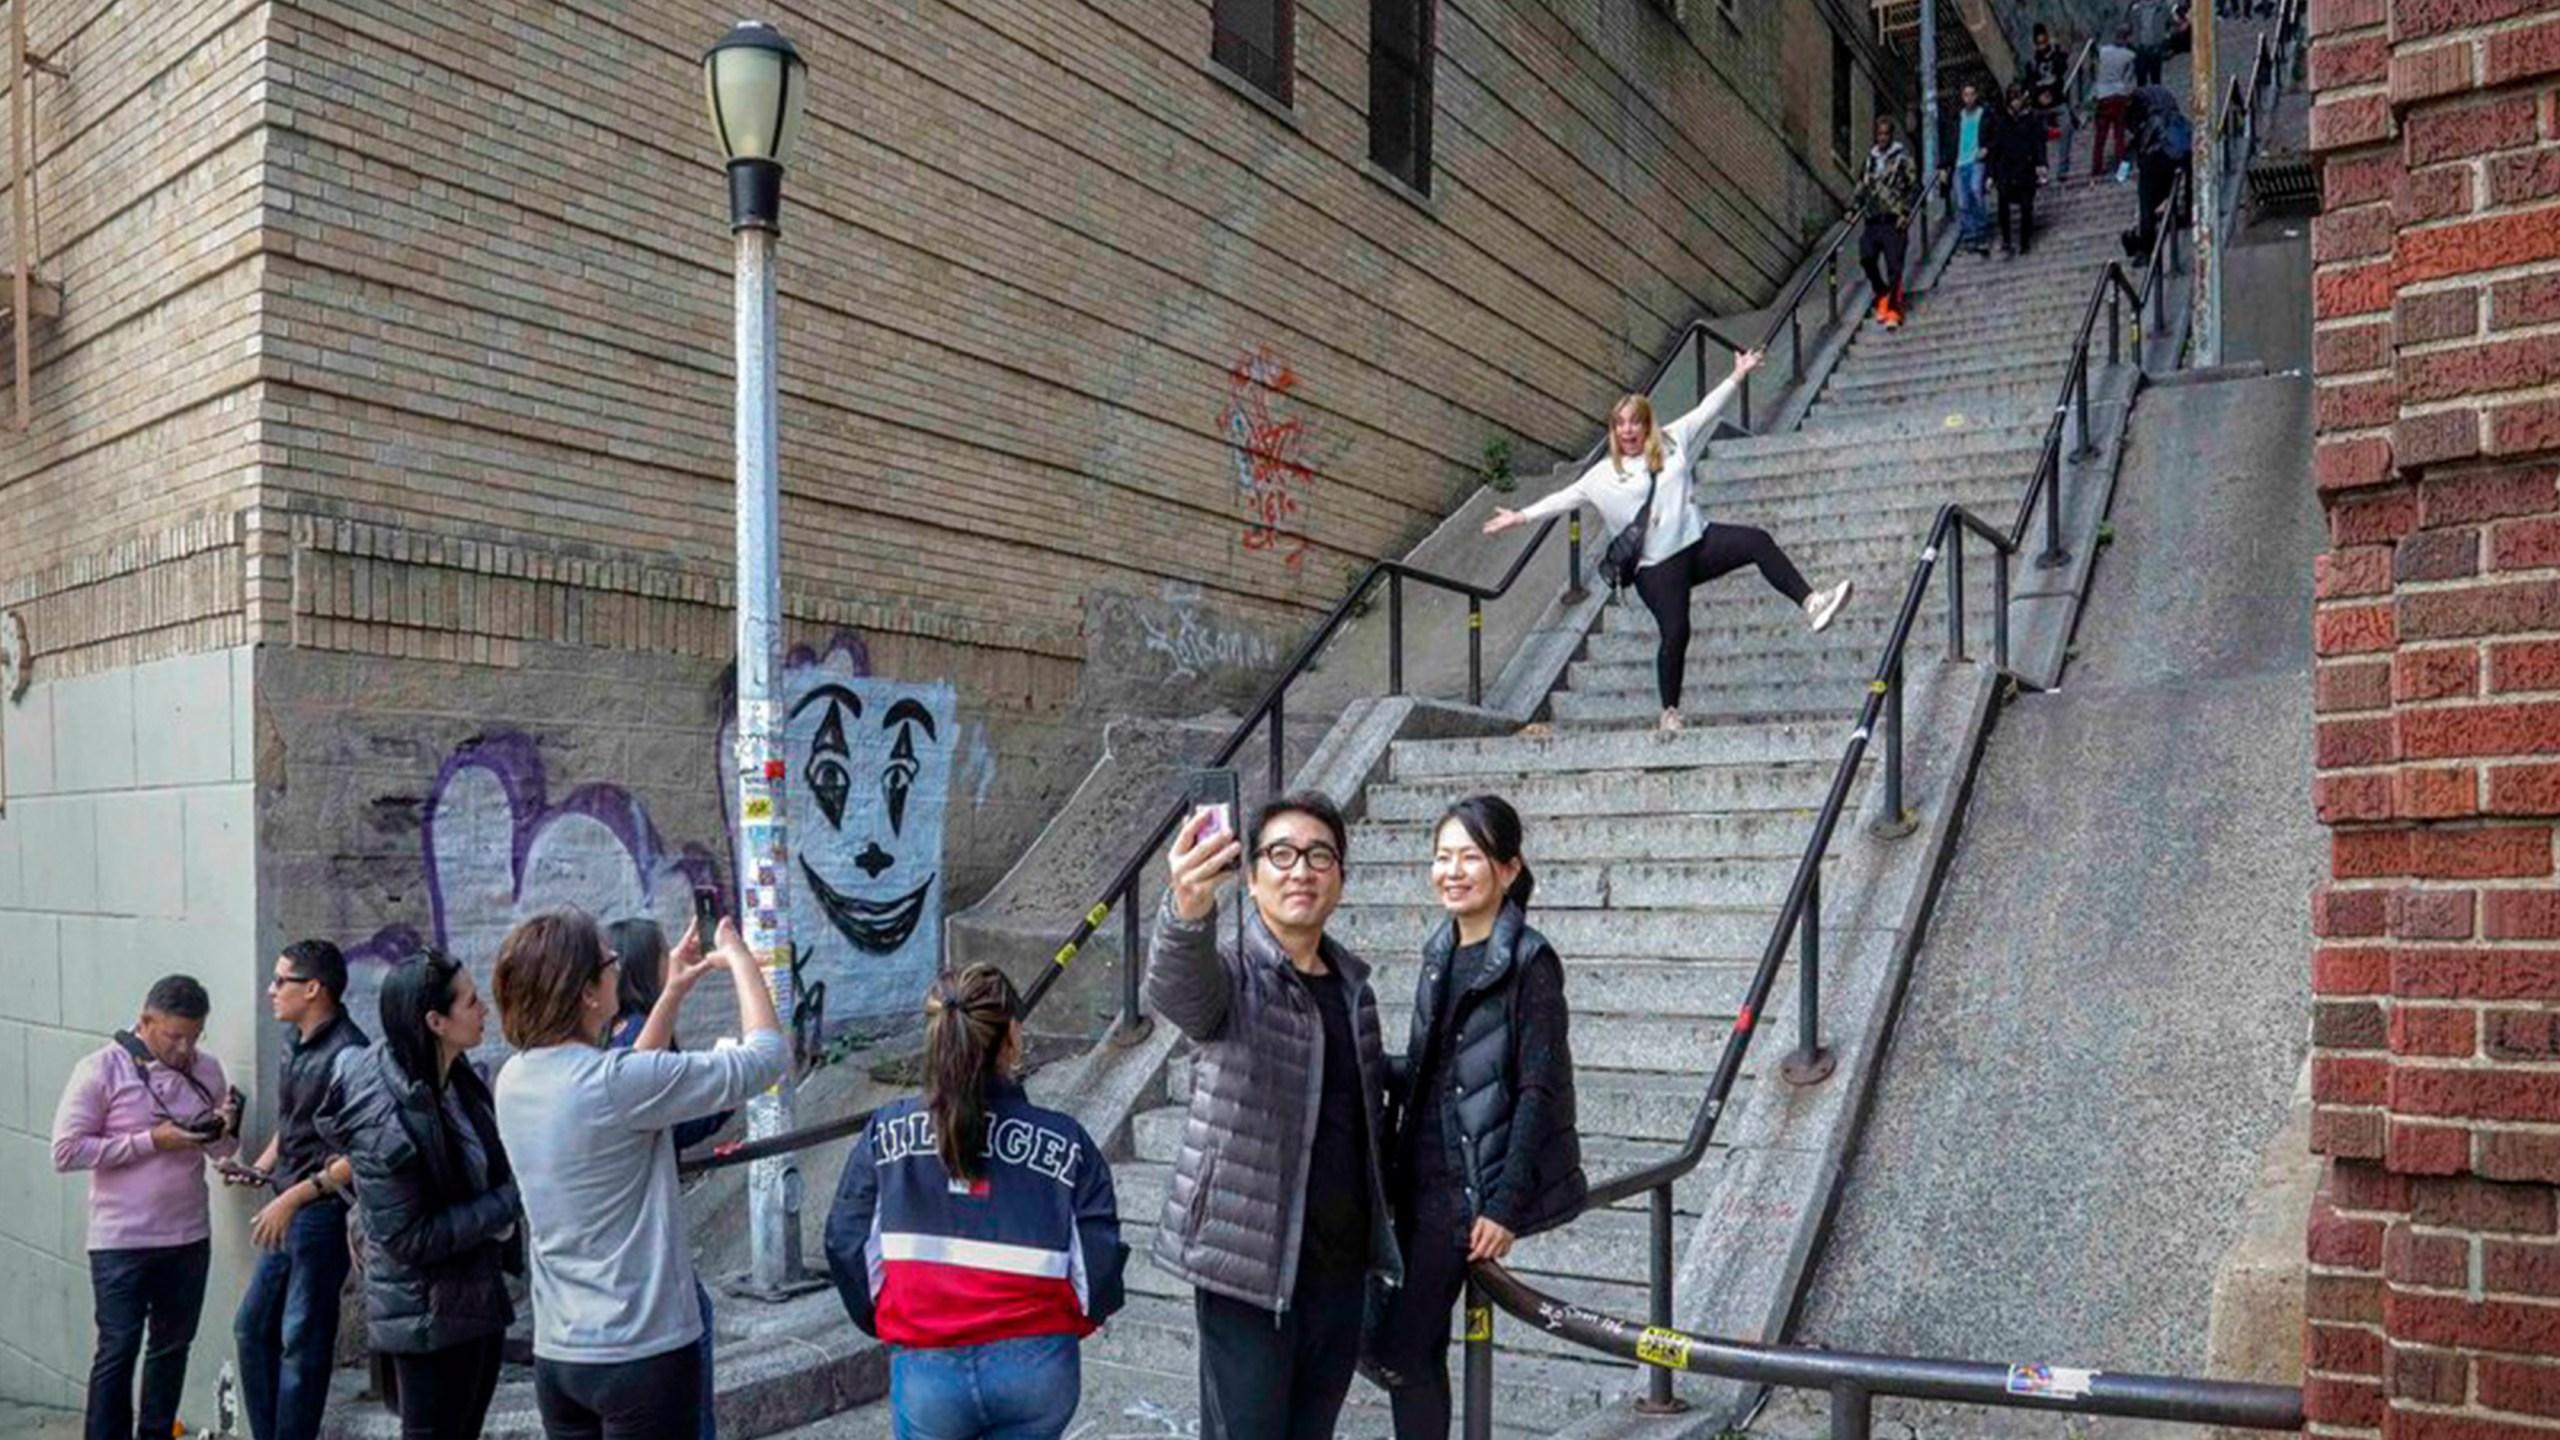 Joker staircase